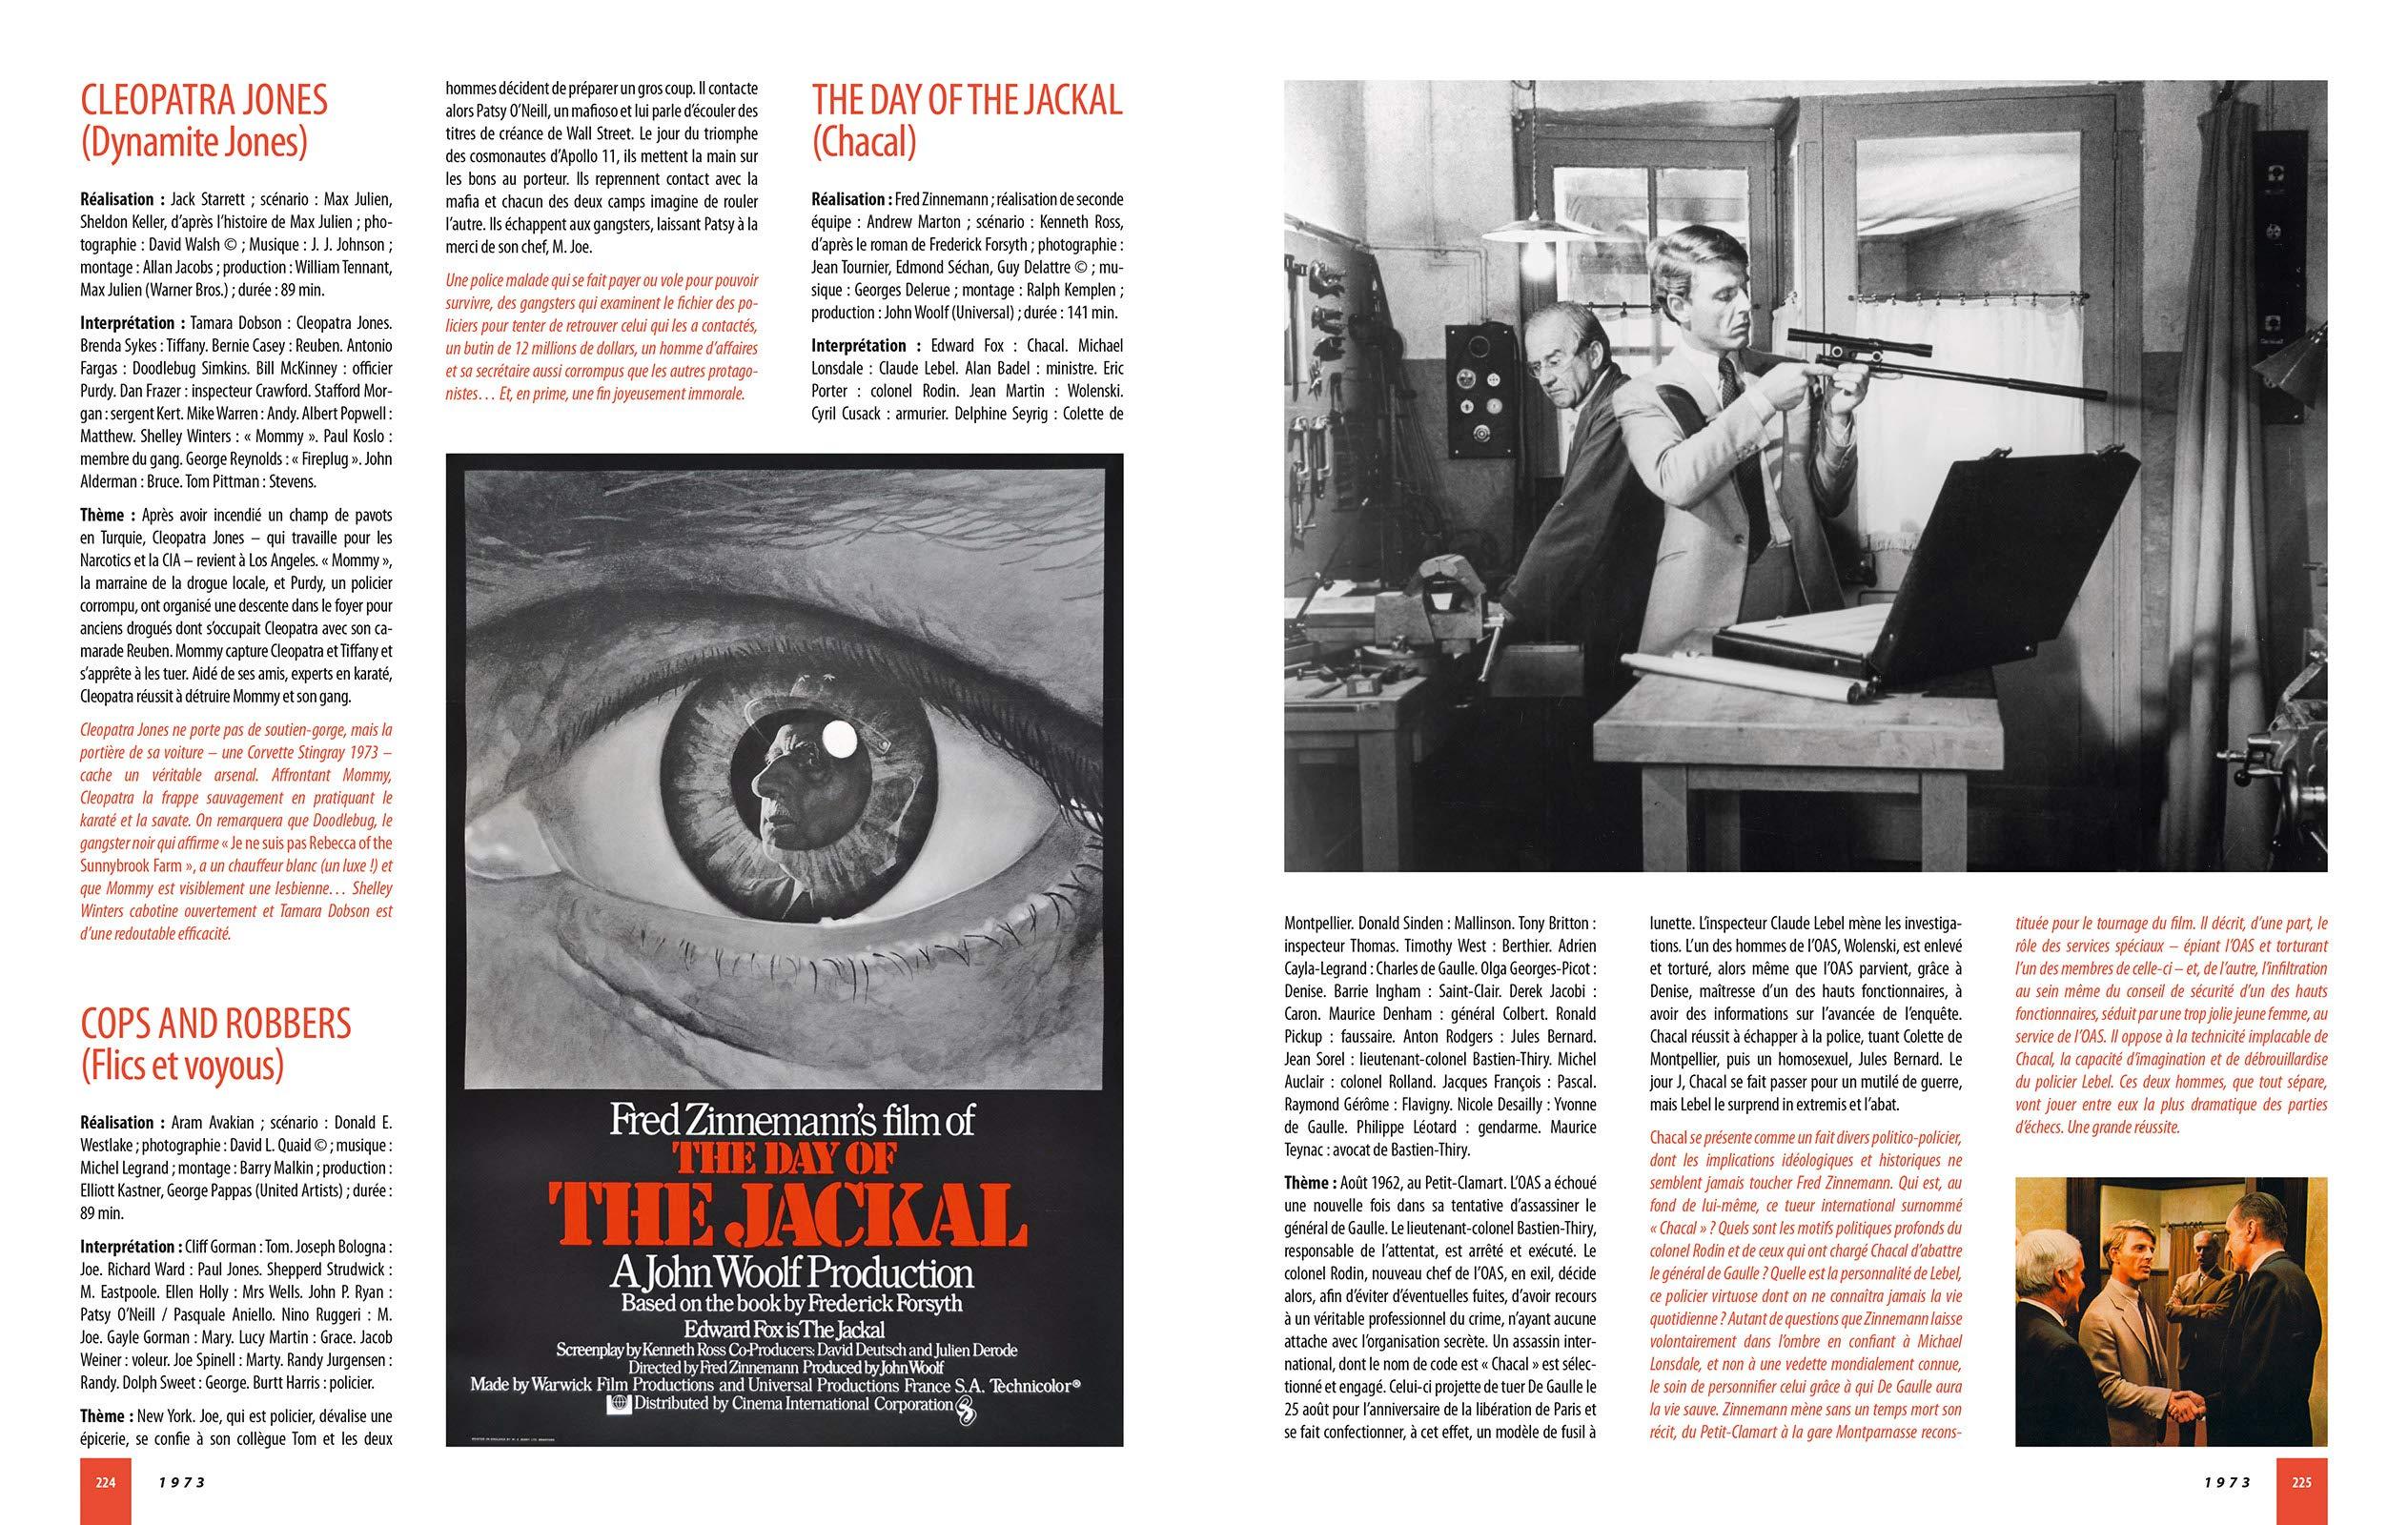 El CINE NEGRO: GANSTERS Y MUJERES FATALES - Página 3 91F9Wm8UTJL